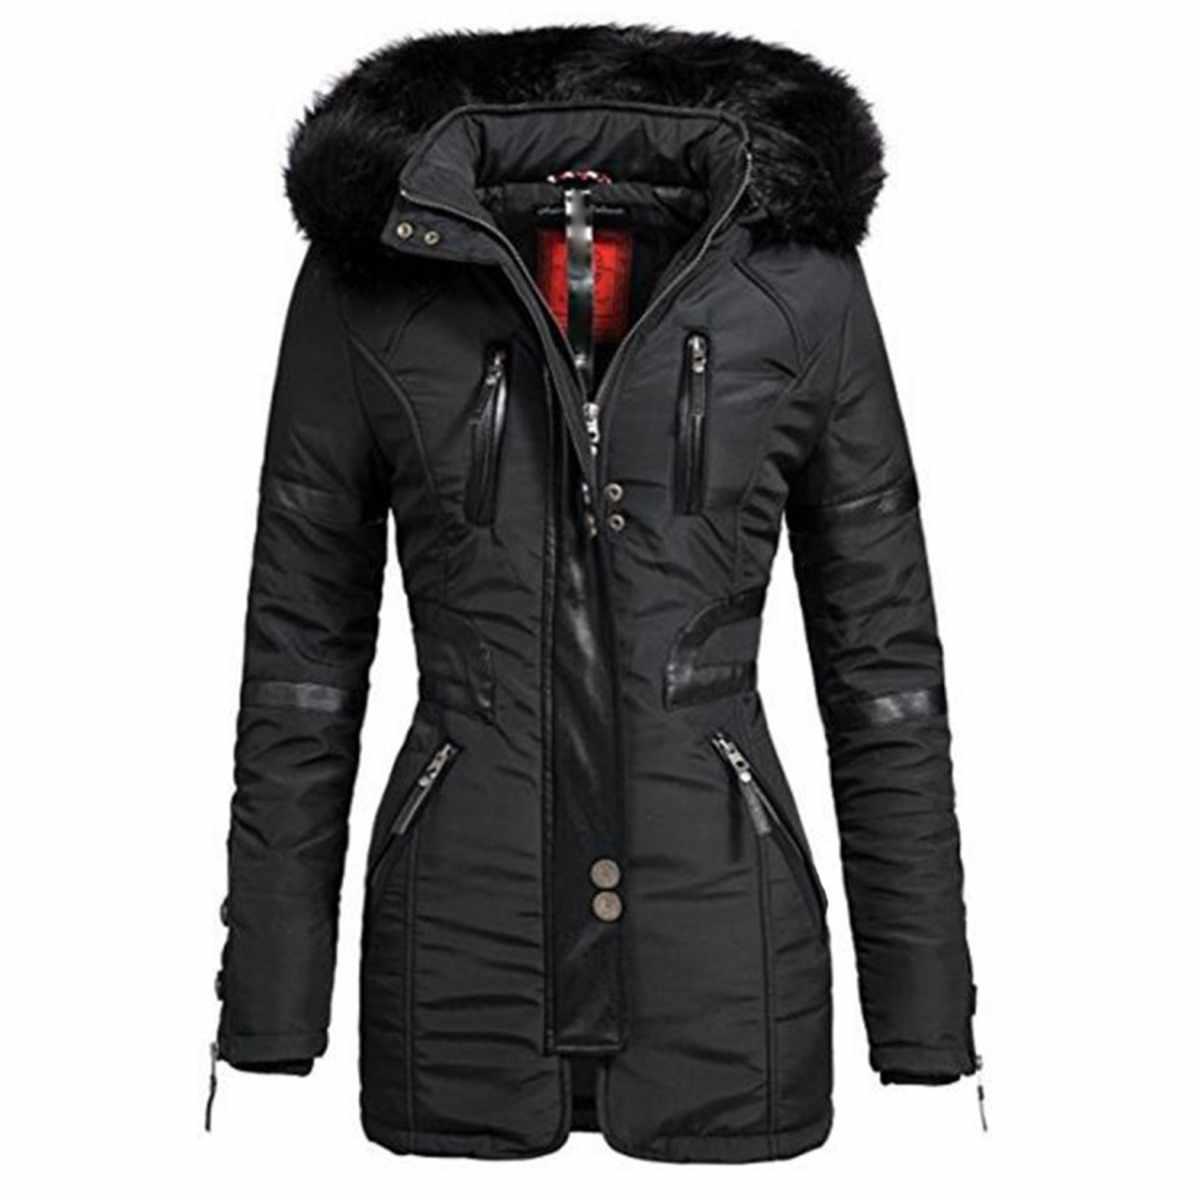 55595639409 Женская длинная куртка пальто черные зимние парки с капюшоном на молнии  теплые ветрозащитные черные готические тонкие